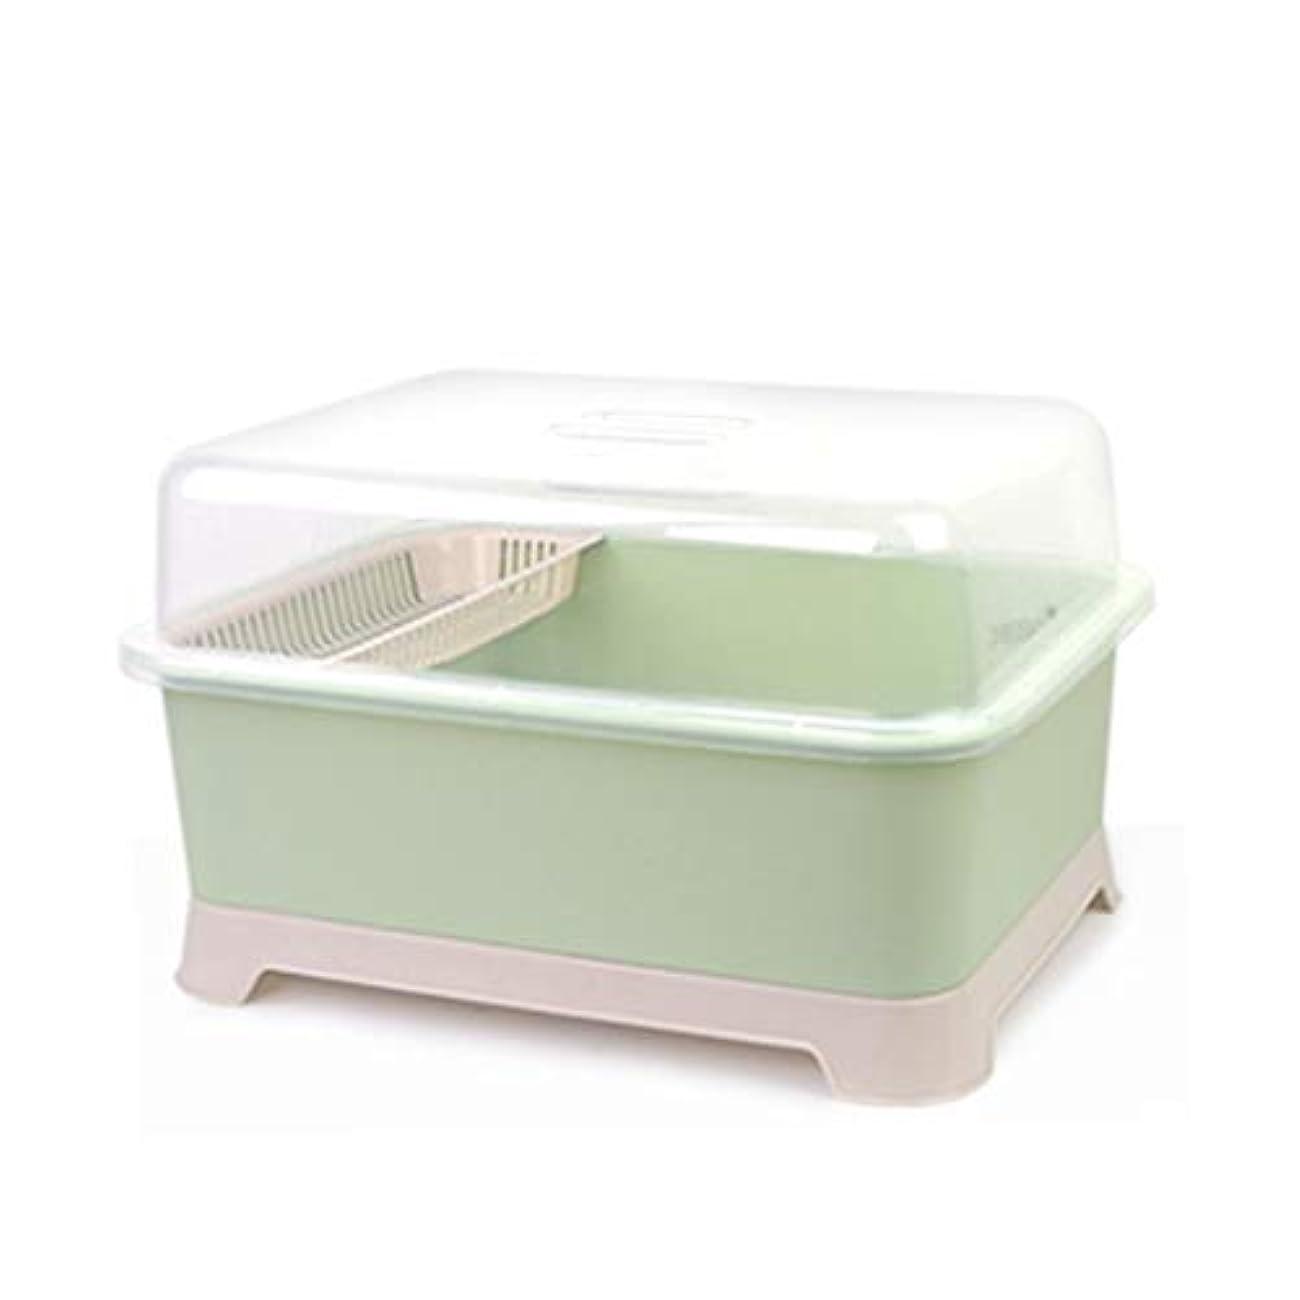 麦芽バイオリン警官IUYWL キッチンドレンラック、大型食器収納ボックス、蓋付き収納ボックス、プラスチック製食器棚、家庭用食器棚 キッチンドレンラック (Color : Green)